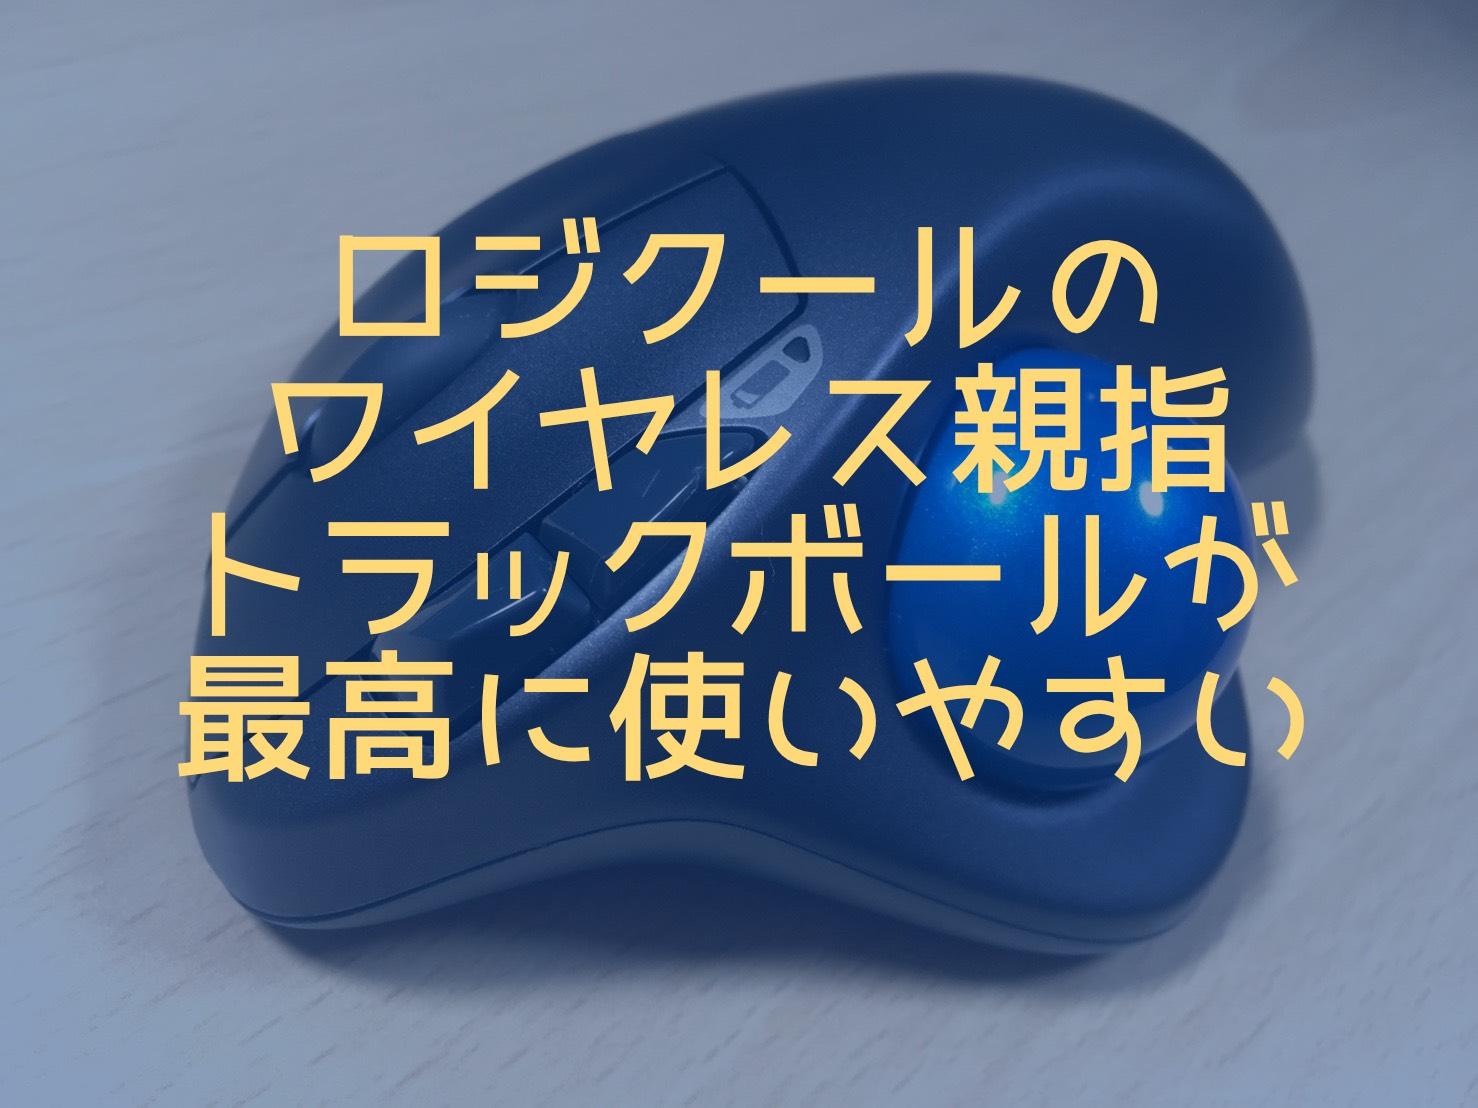 ロジクールのワイヤレス親指トラックボールが最高に使いやすい